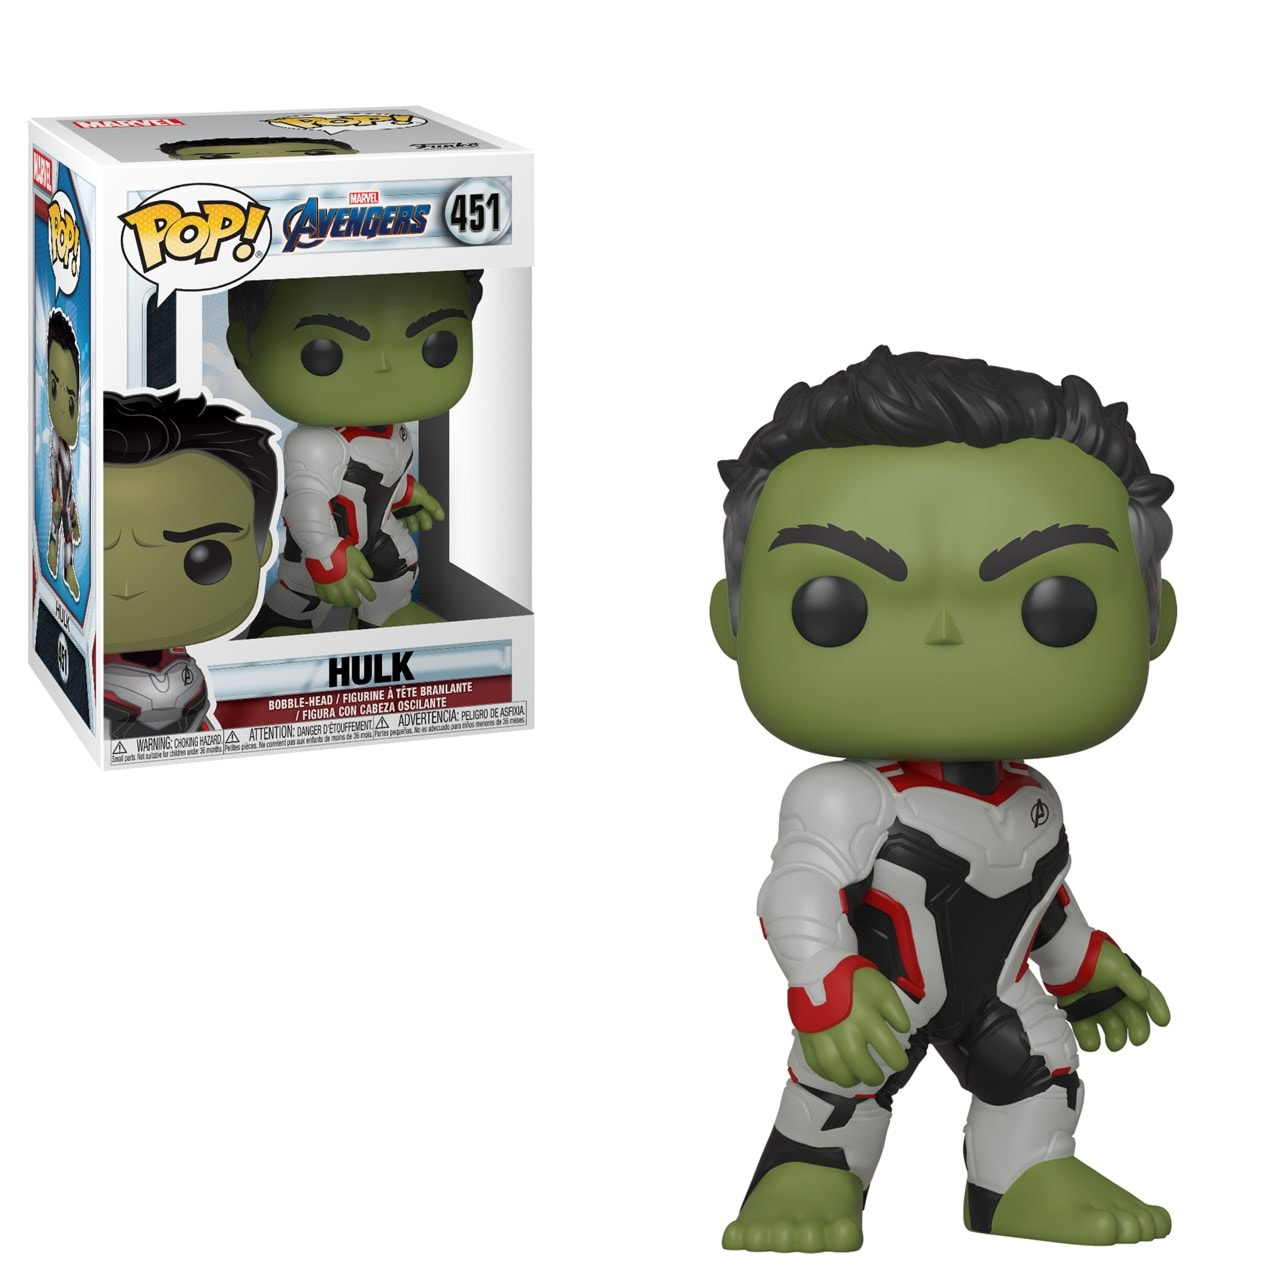 Pop Vinyl: Hulk (451): Avengers: Marvel - 1